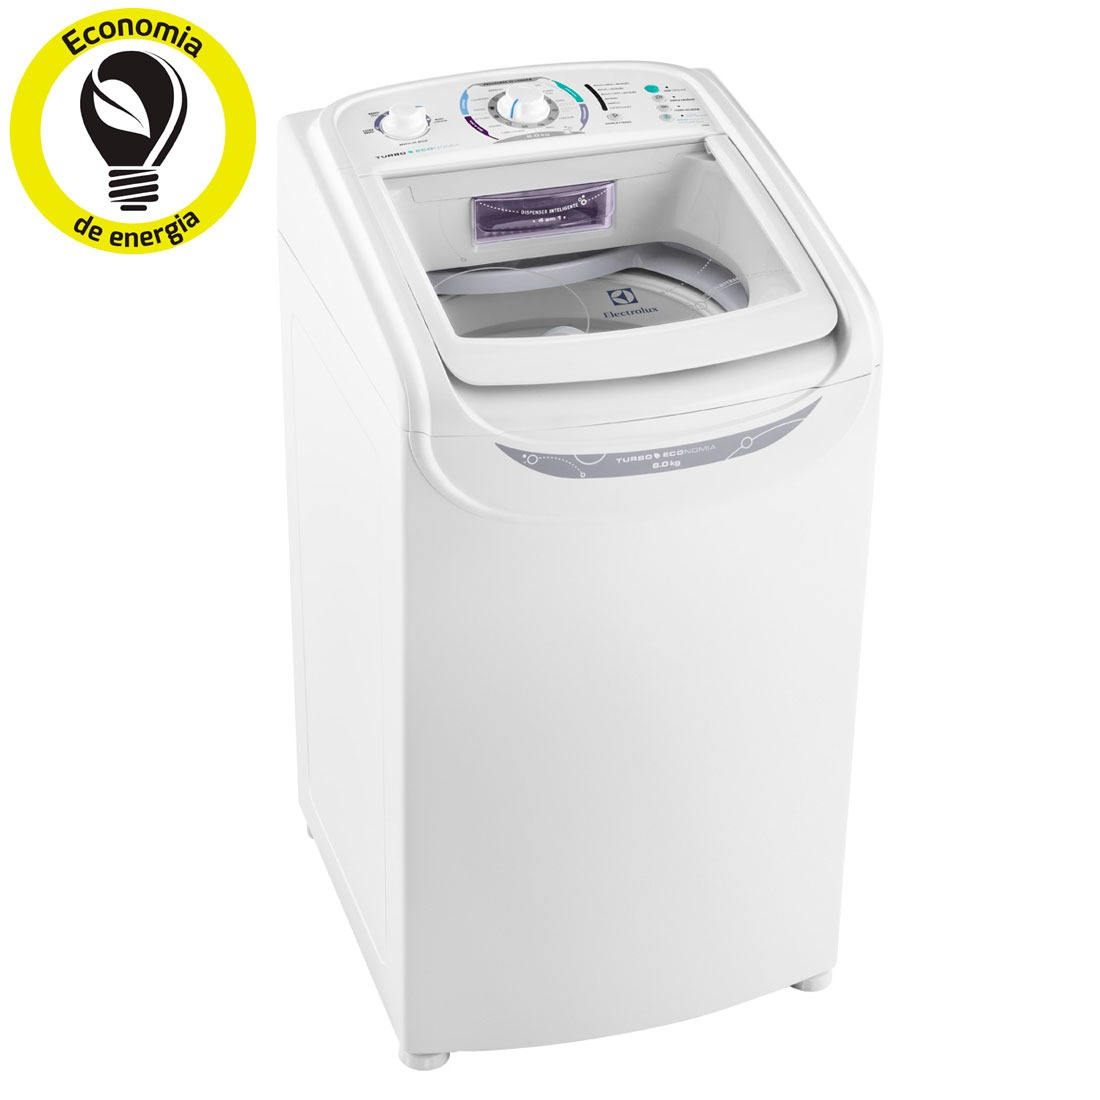 M quina de lavar lavadora de roupa electrolux 8kg 110v for Lavar cortinas en lavadora